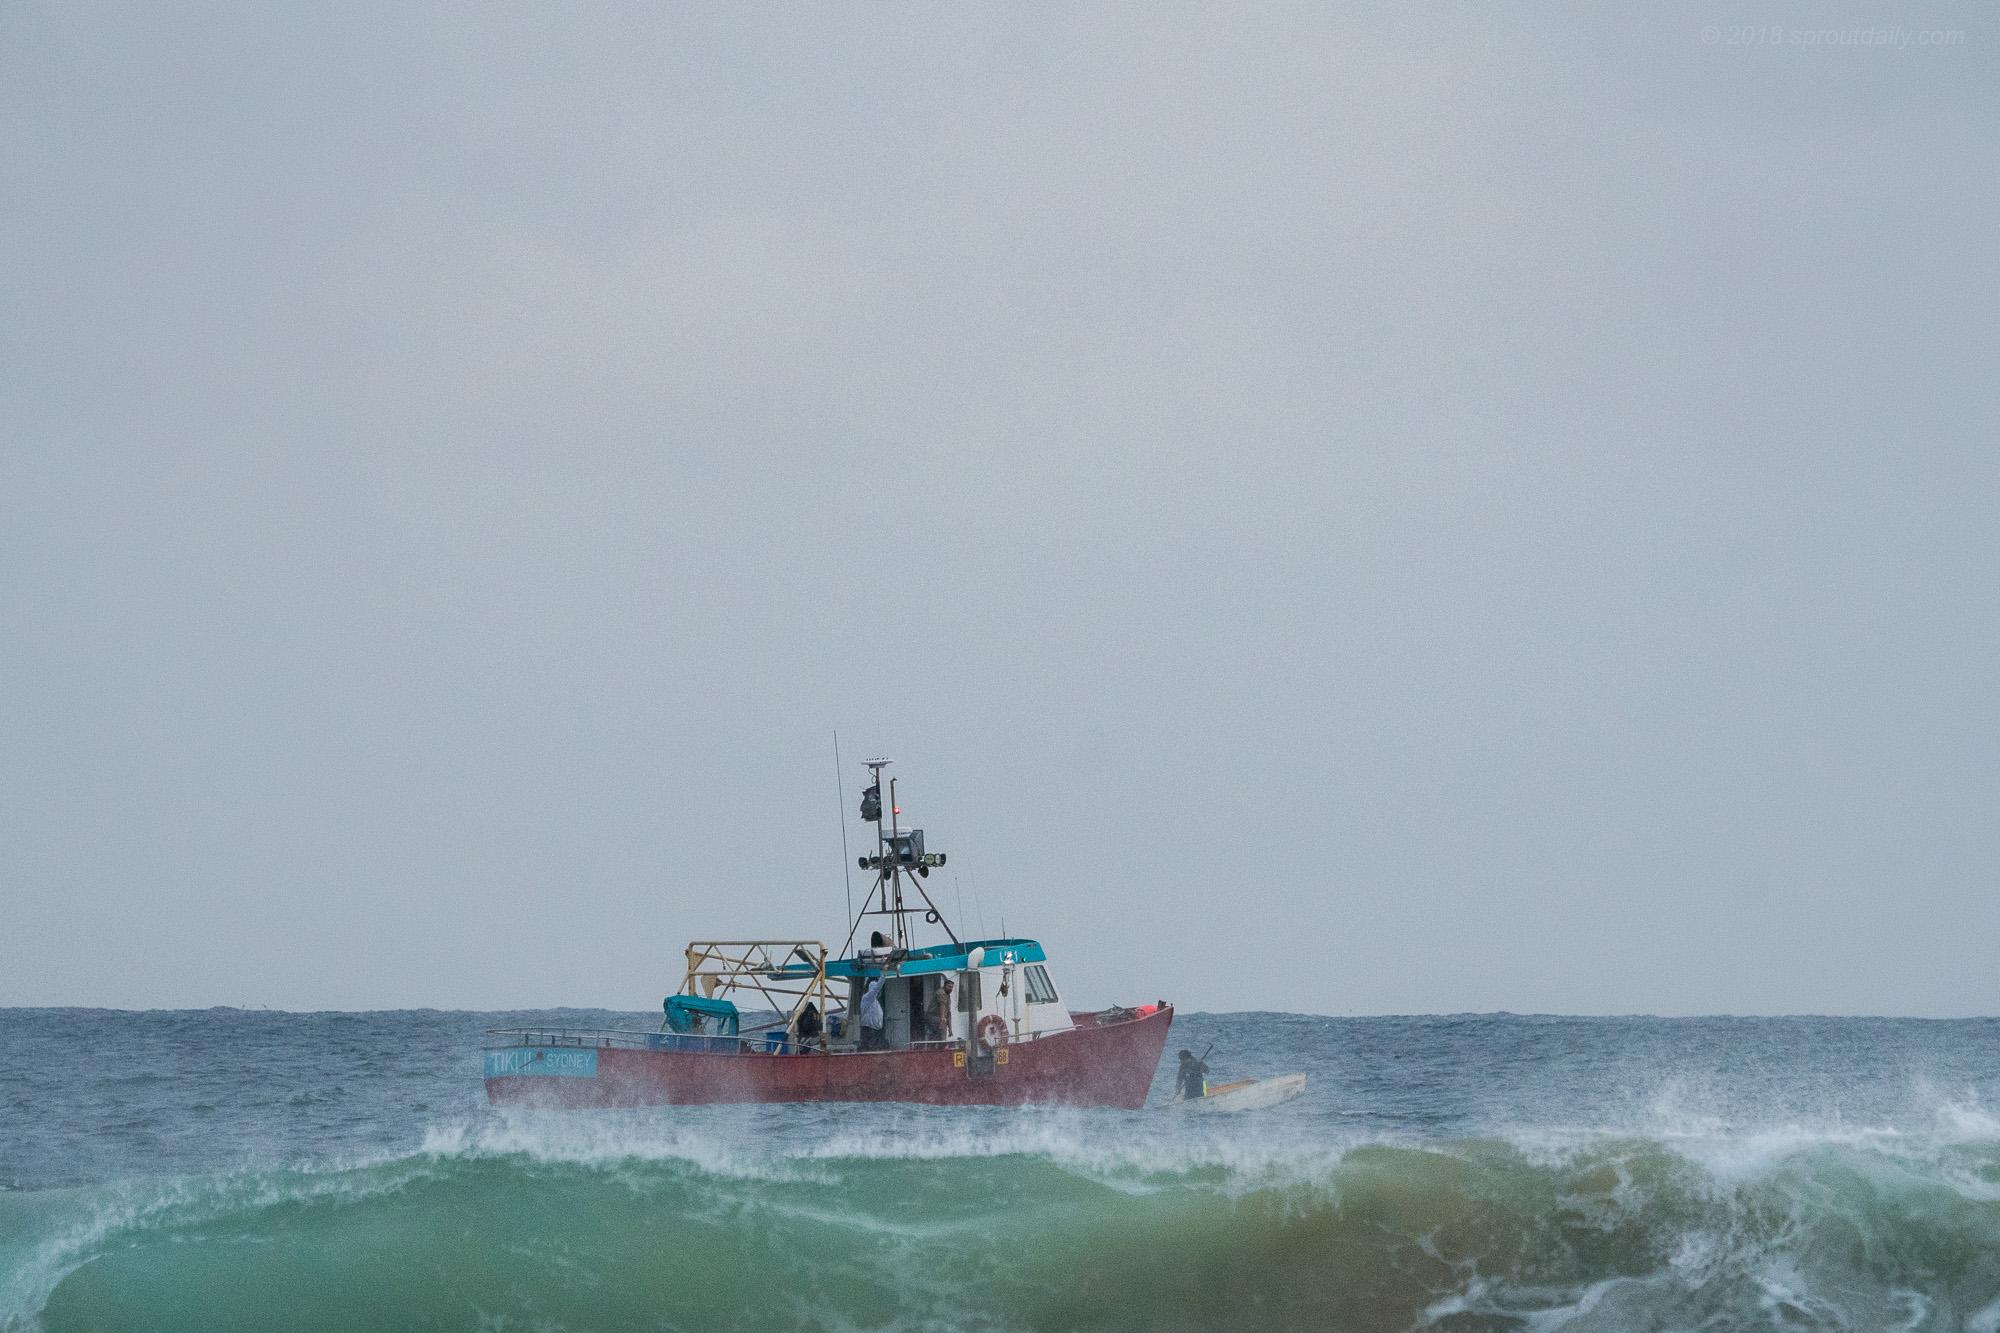 Tough day on the Tiki II